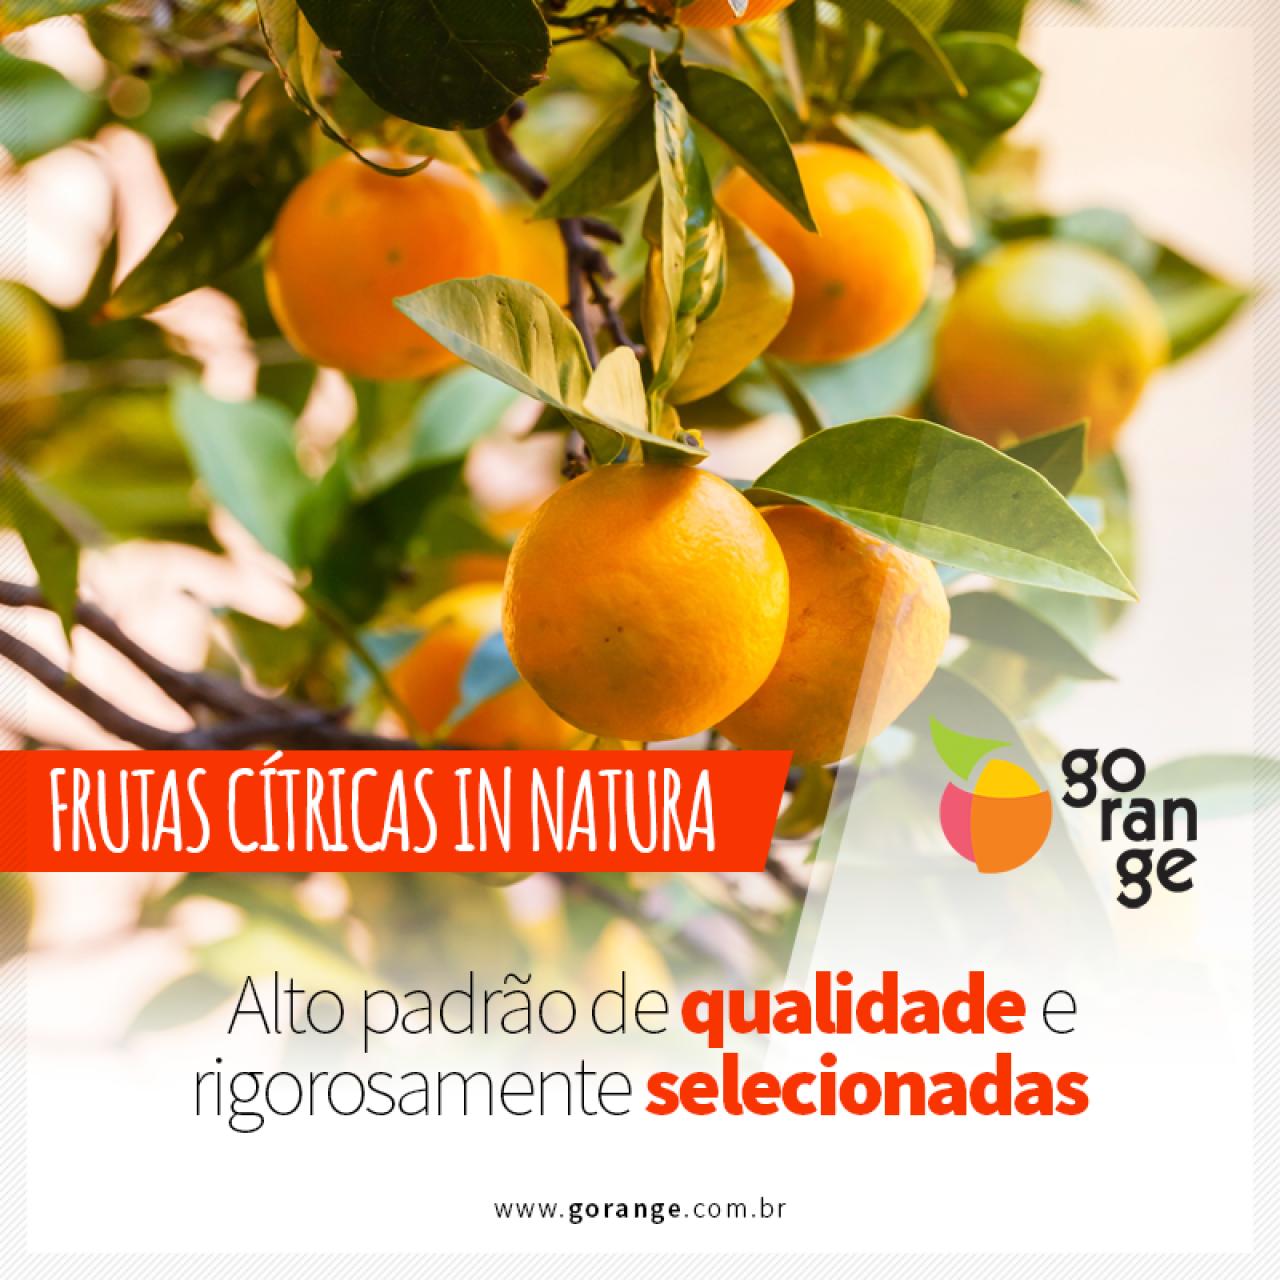 Frutas Cítricas in Natura de alto padrão e Qualidade